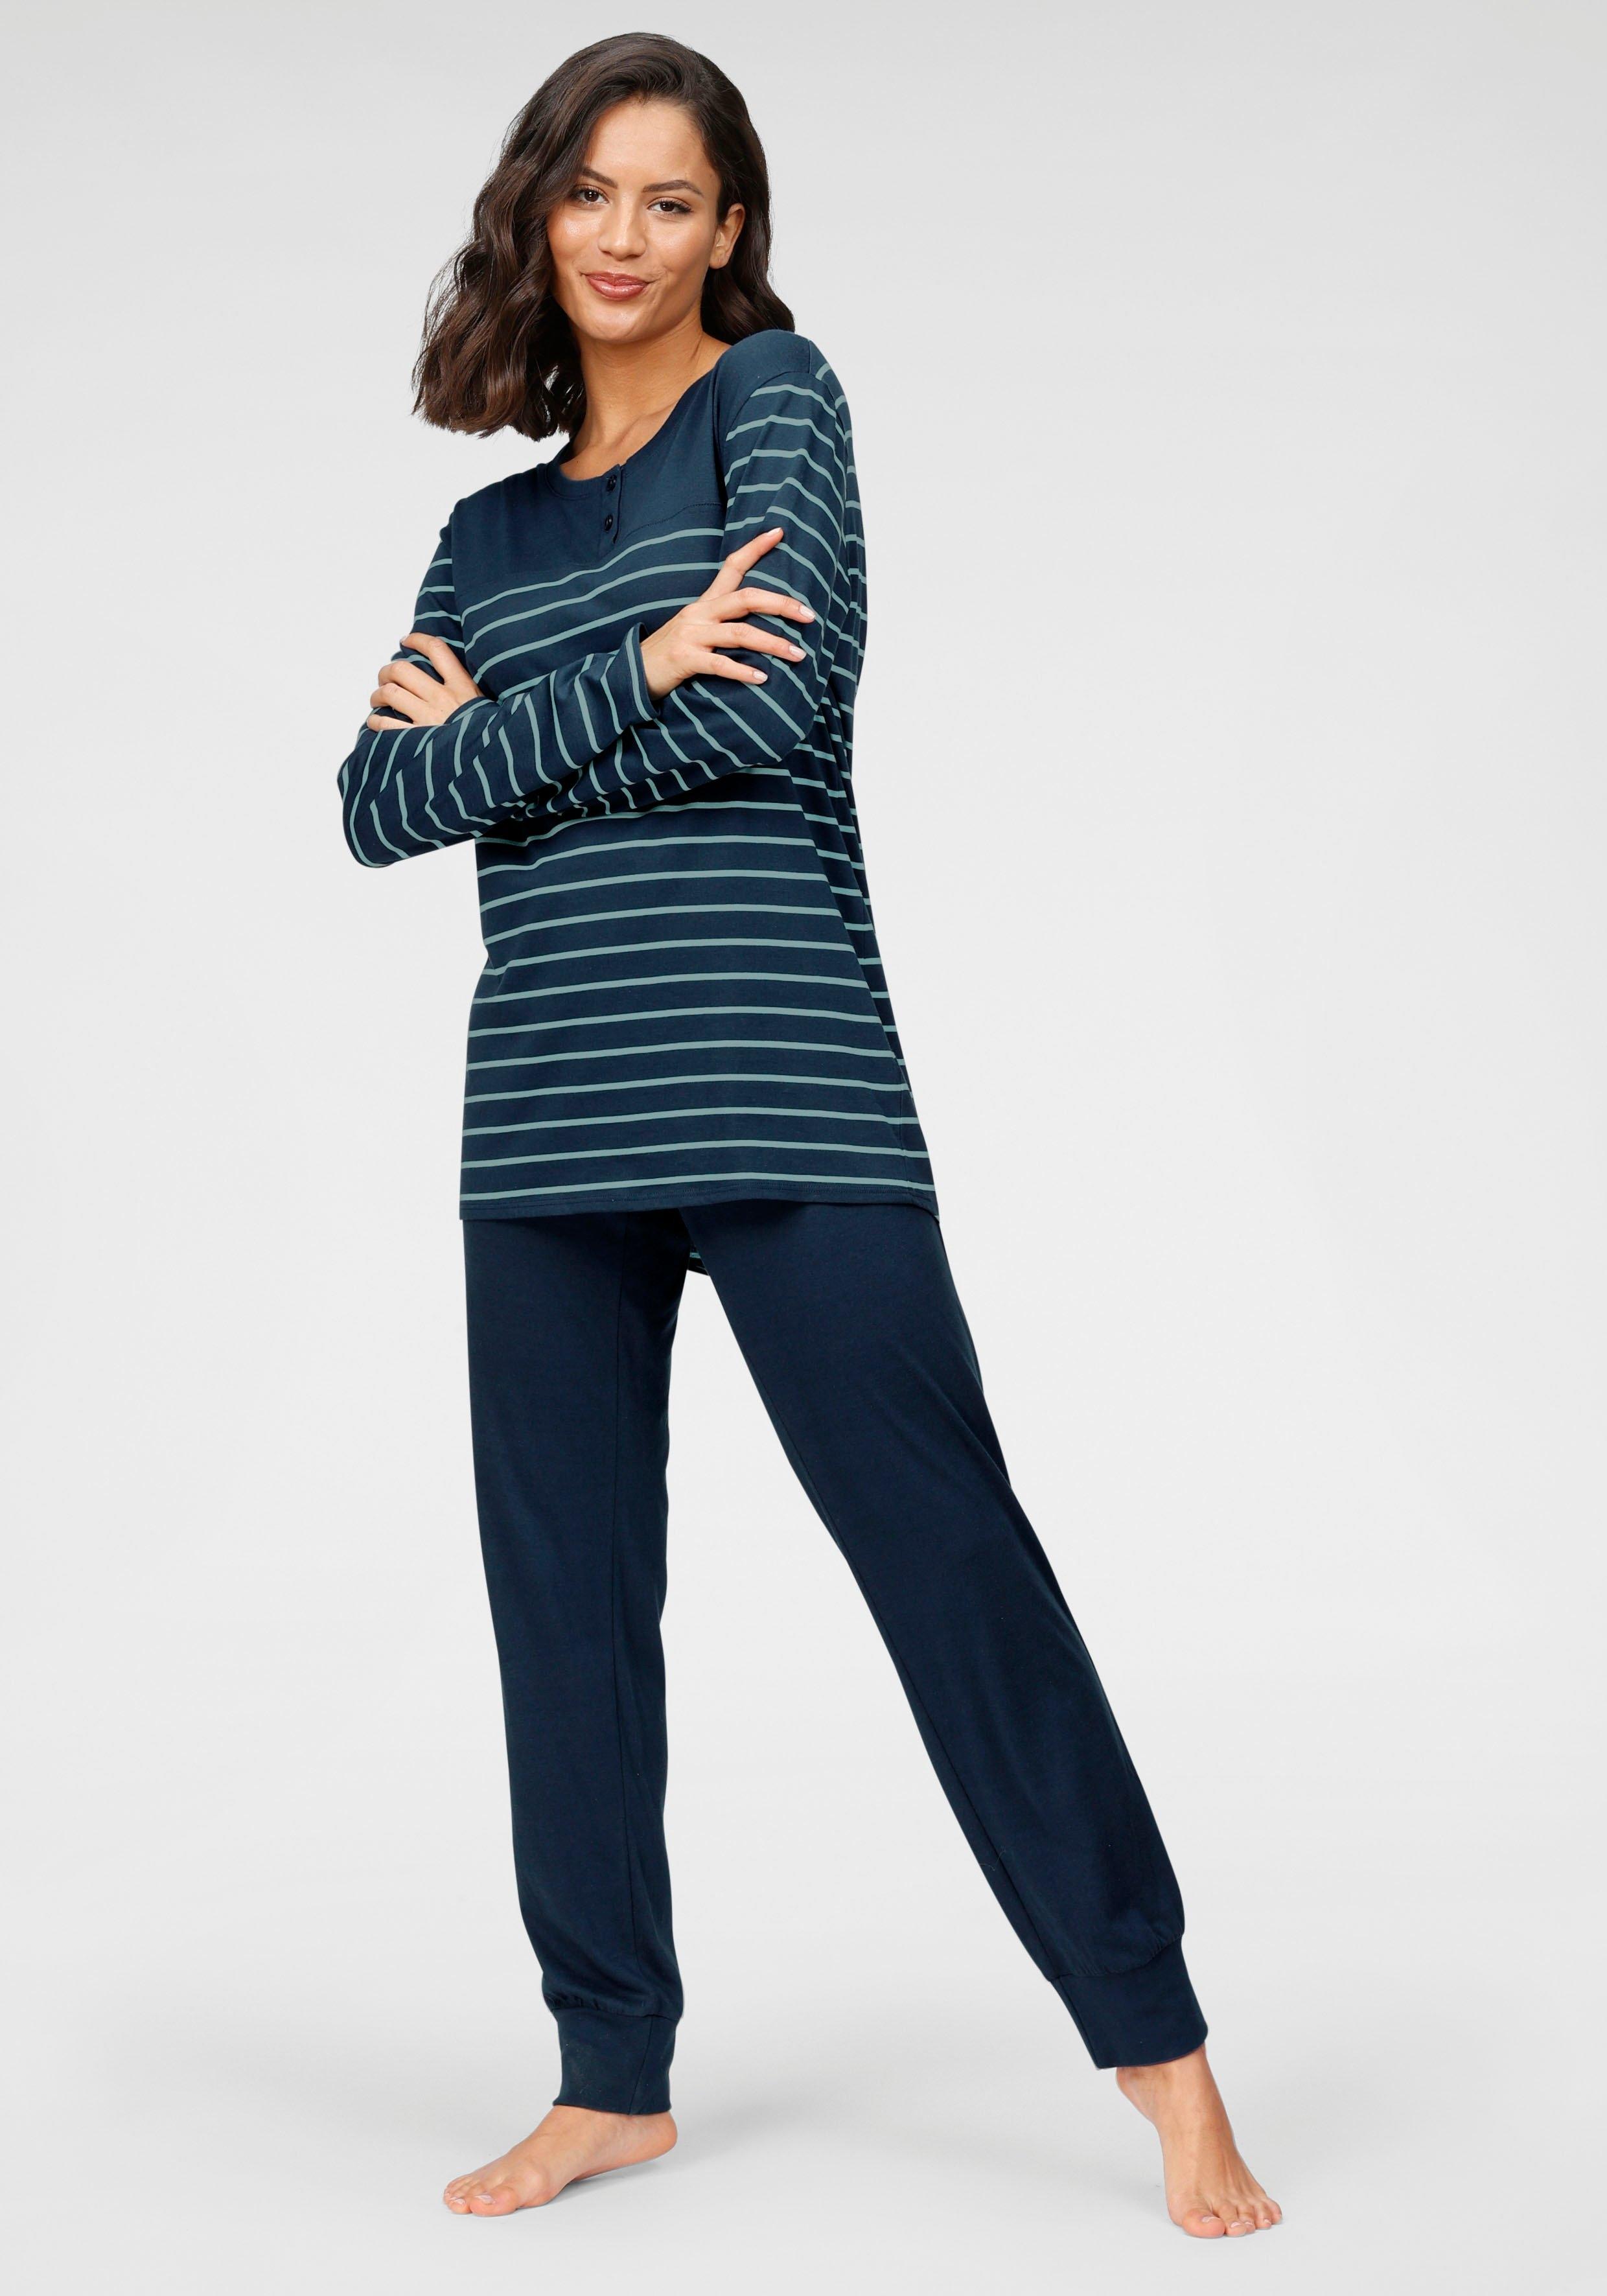 Schiesser Pyjama met gestreepte top voordelig en veilig online kopen